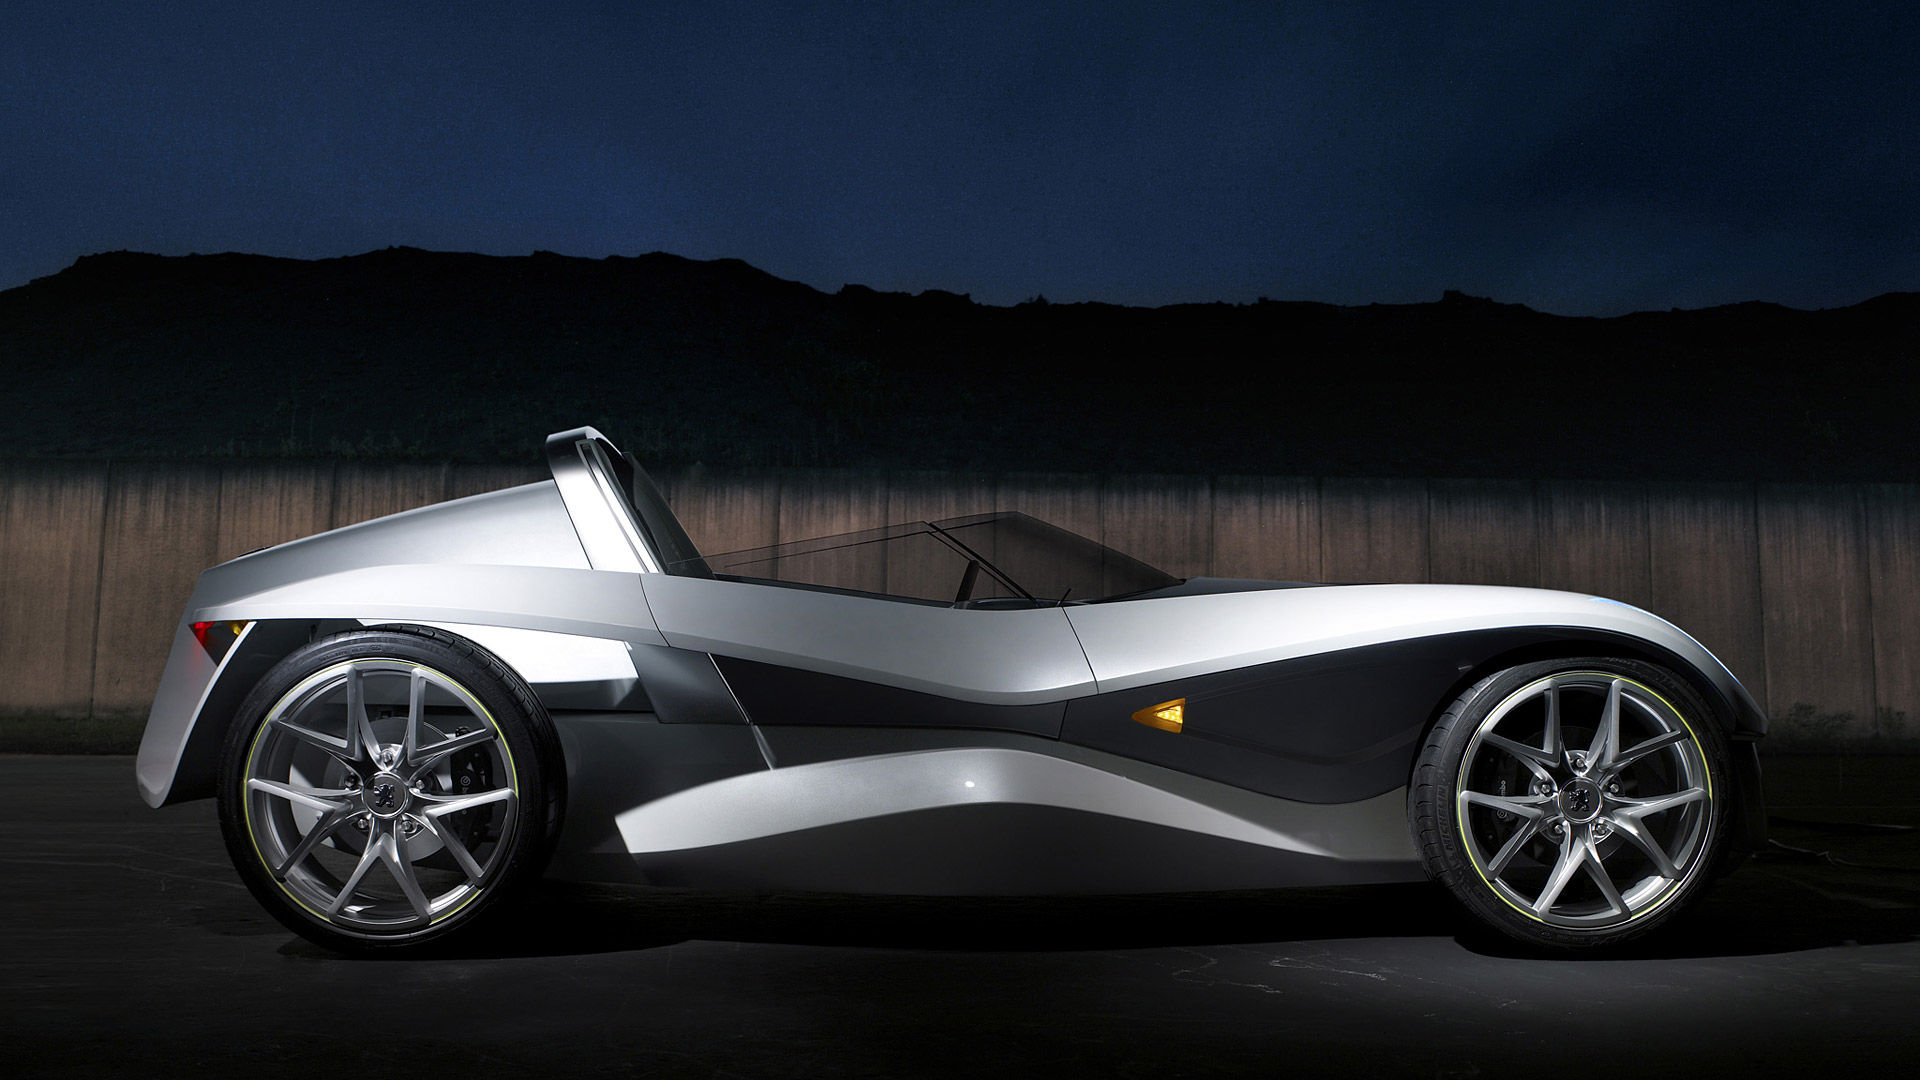 2007 Peugeot Flux Concept